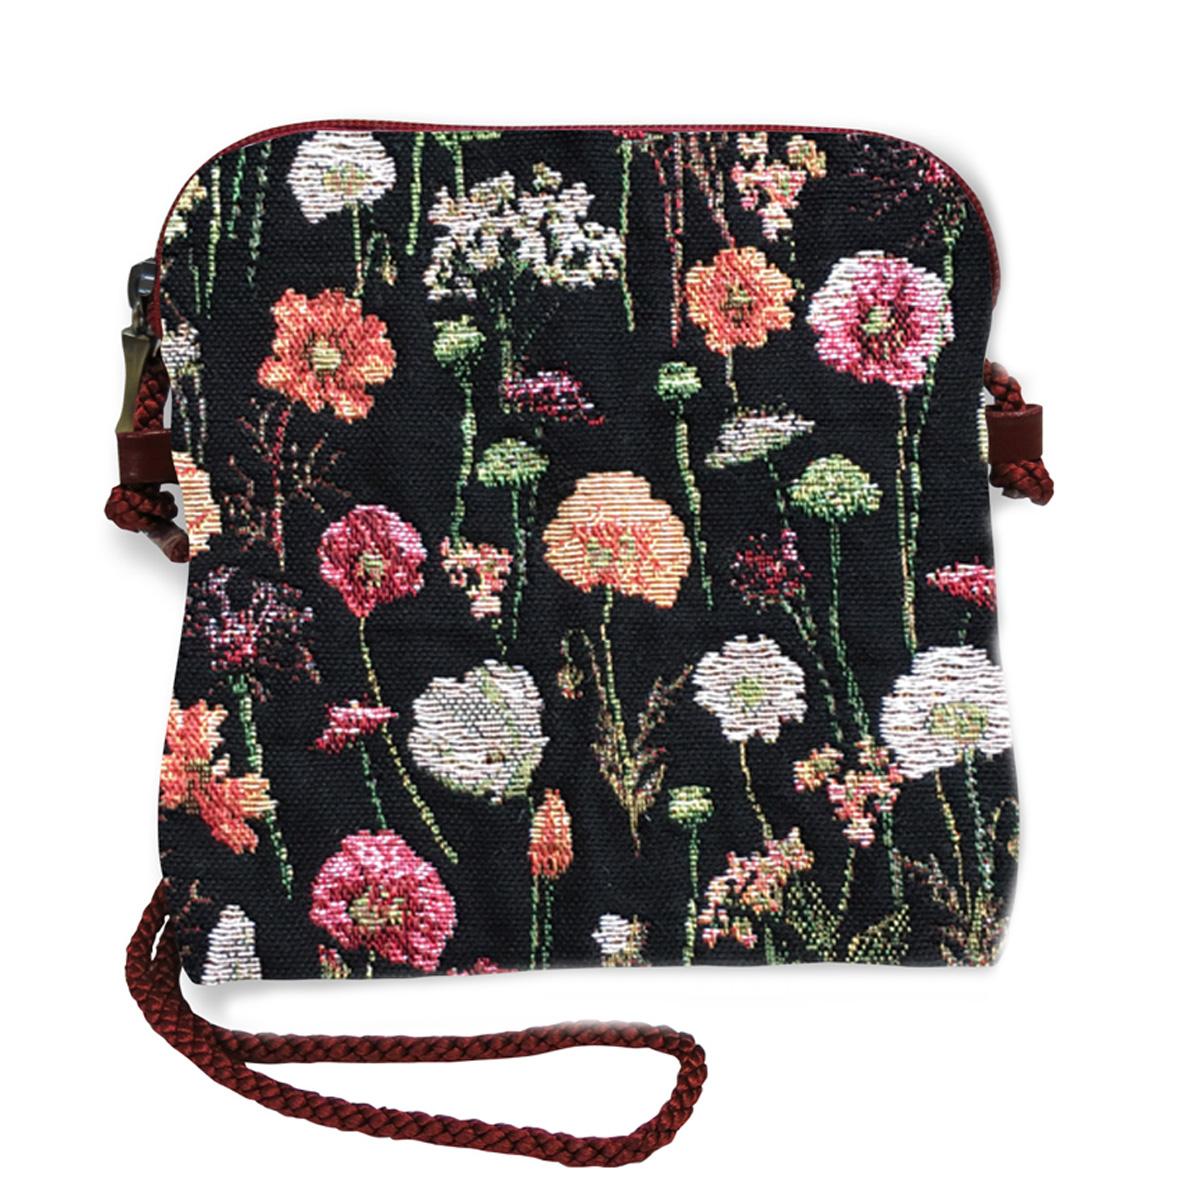 Sac bandoulière artisanal \'Royal Tapisserie\' noir multicolore (Fleurs en Hiver)  - 18x17 cm - [Q9242]